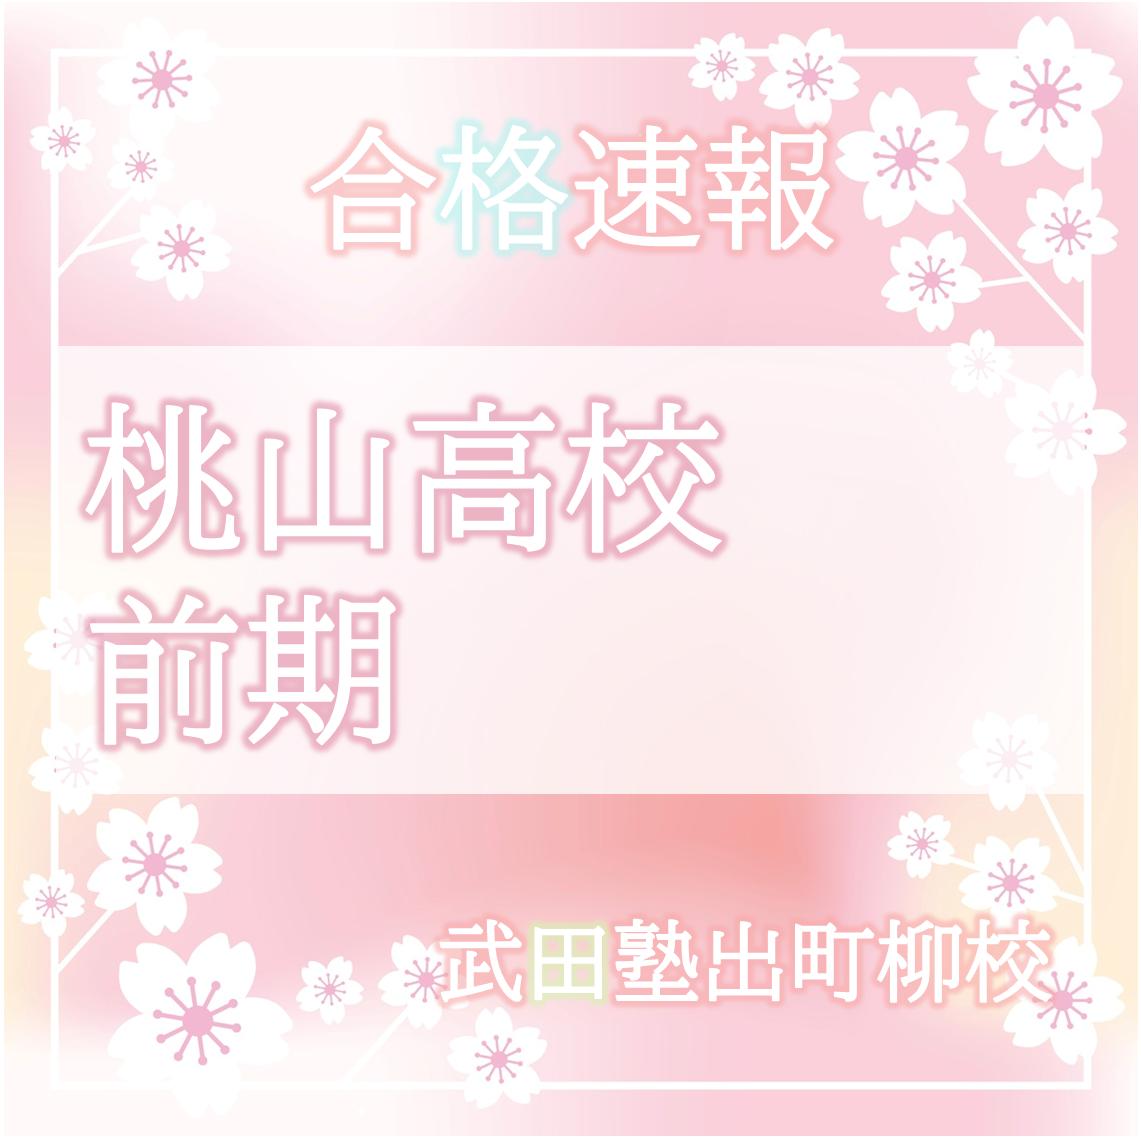 合格速報_桃山高校